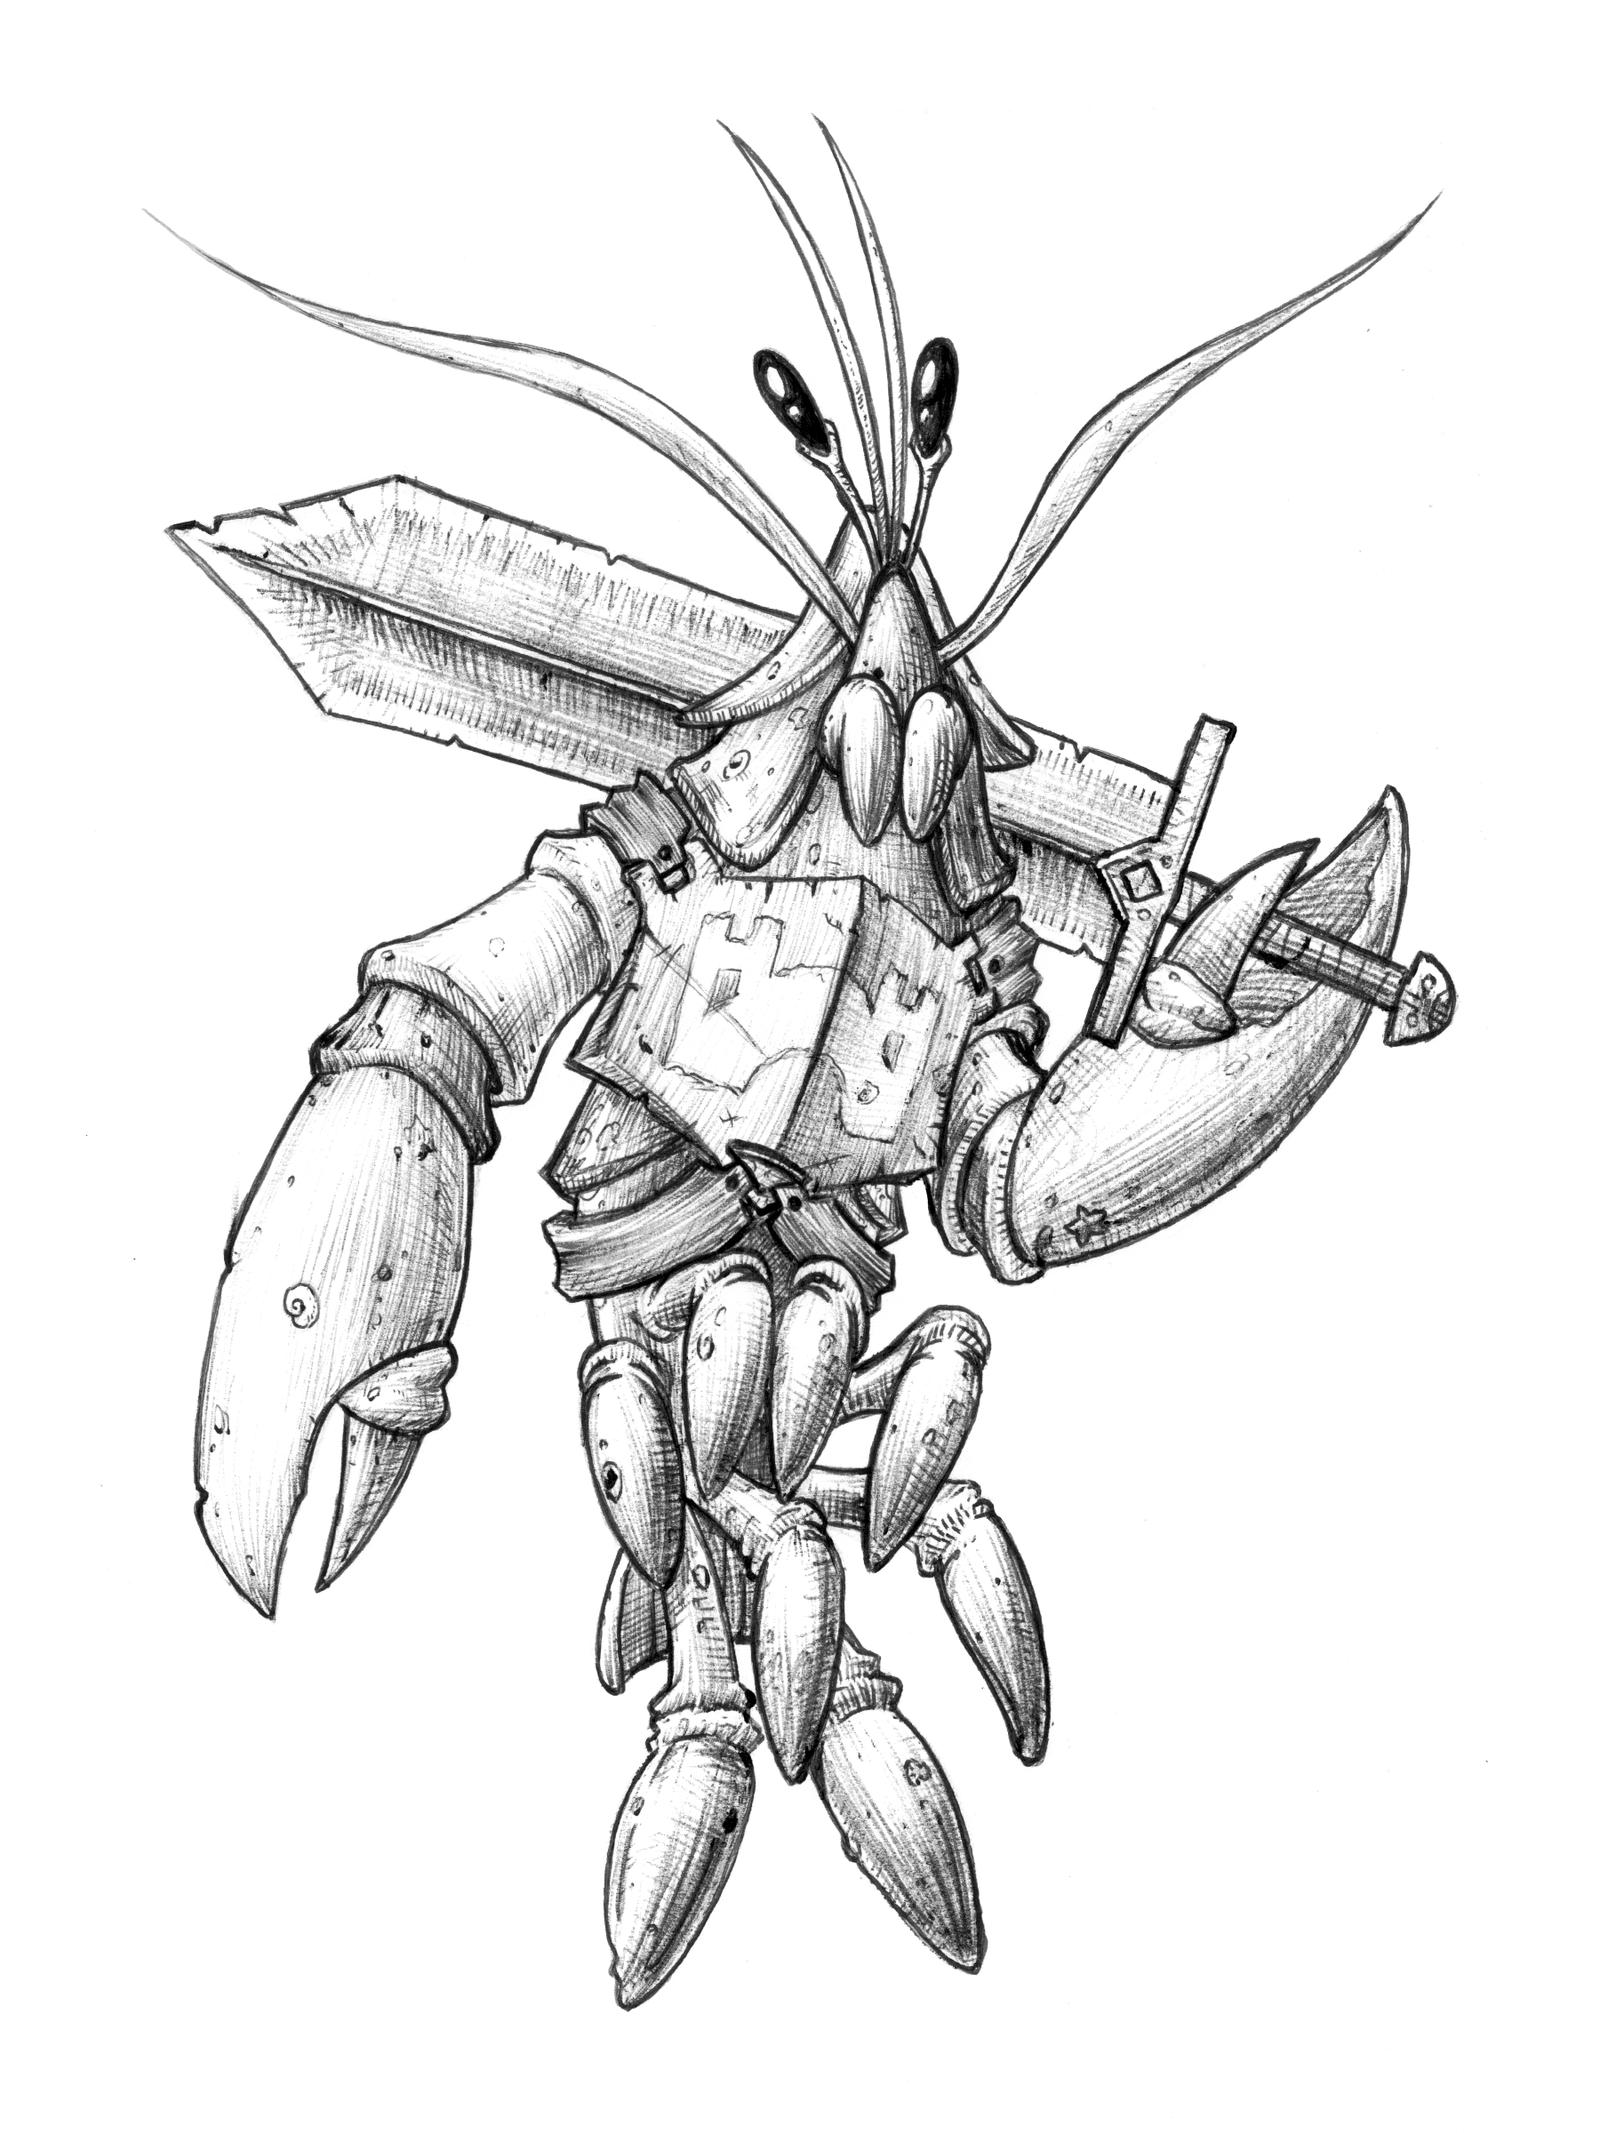 Uncategorized Lobster Drawings lobster knight by relentless666 on deviantart relentless666